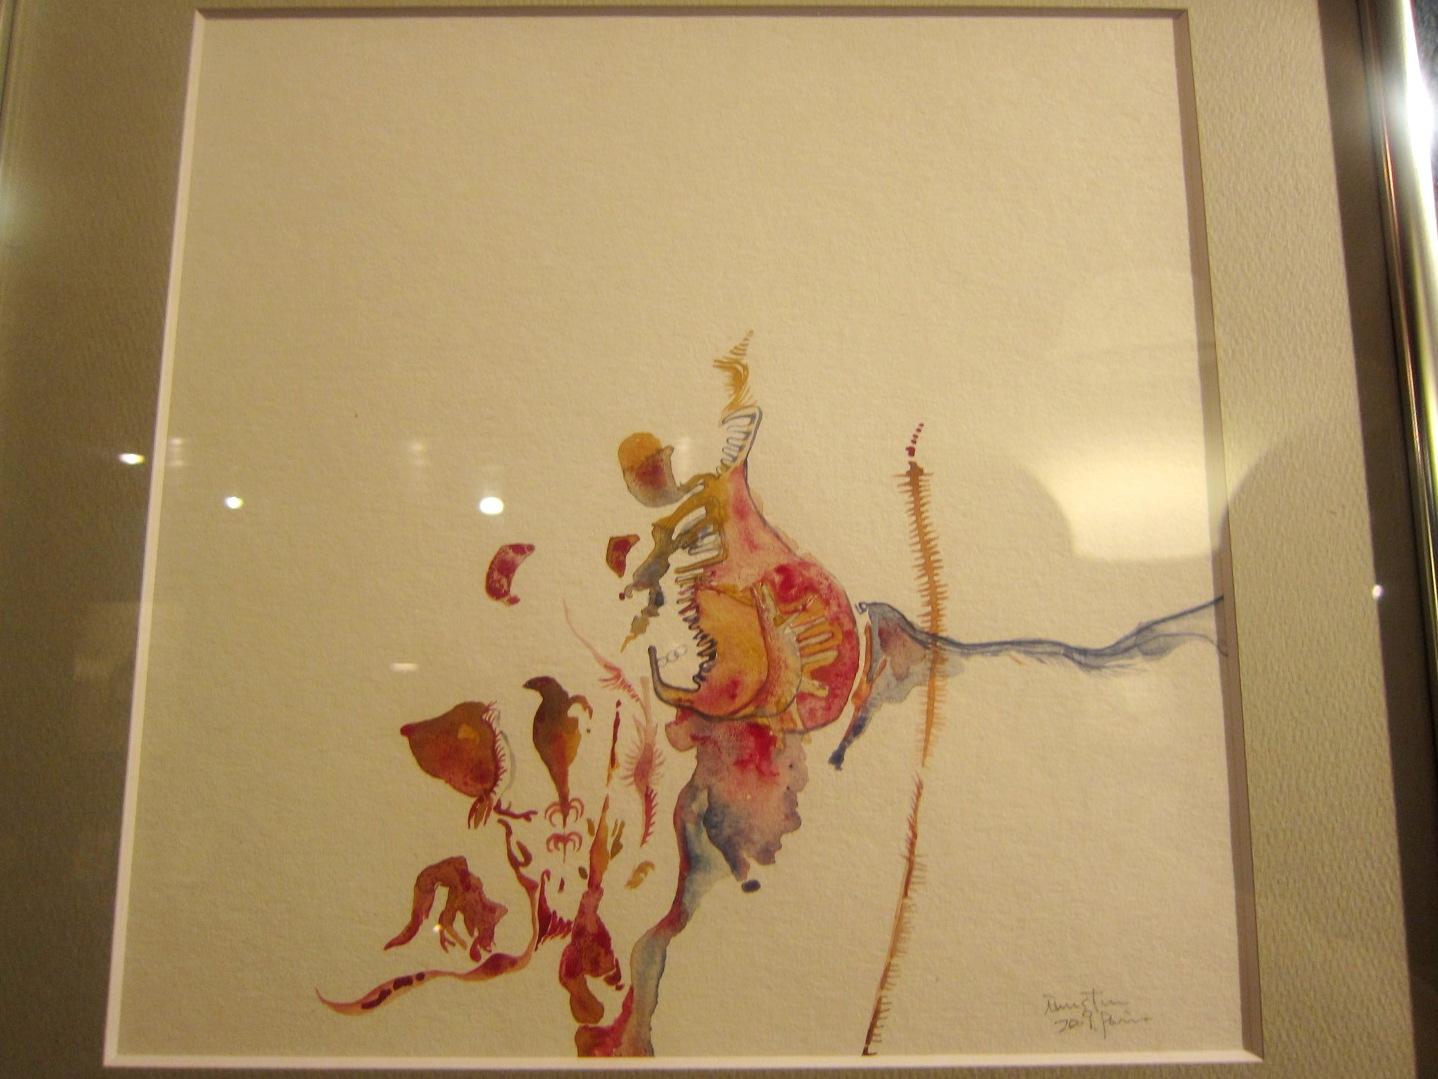 1964)「内山睦 展 『幻想植物譜』」 カフェエスキス 2月14日(木)~3月12日(火)_f0126829_827287.jpg